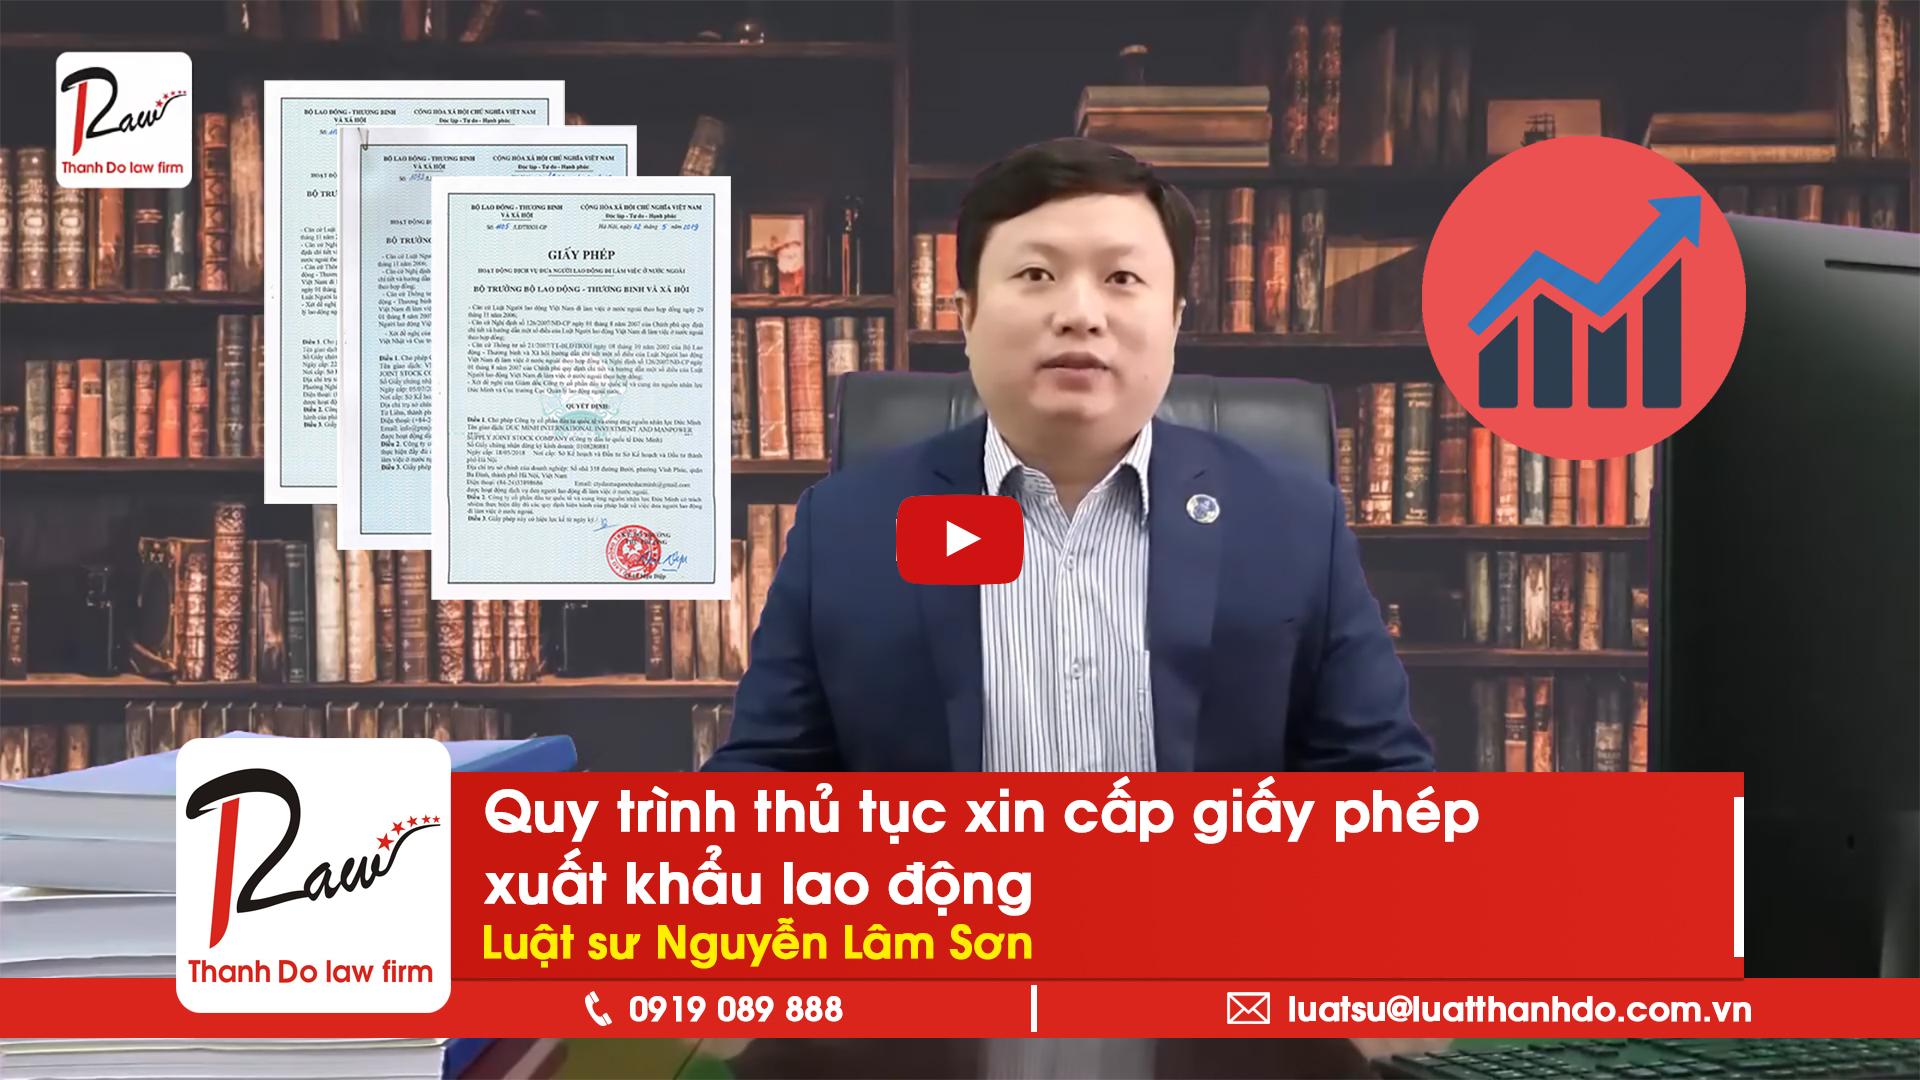 Quy trình thủ tục xin cấp giấy phép xuất khẩu lao động